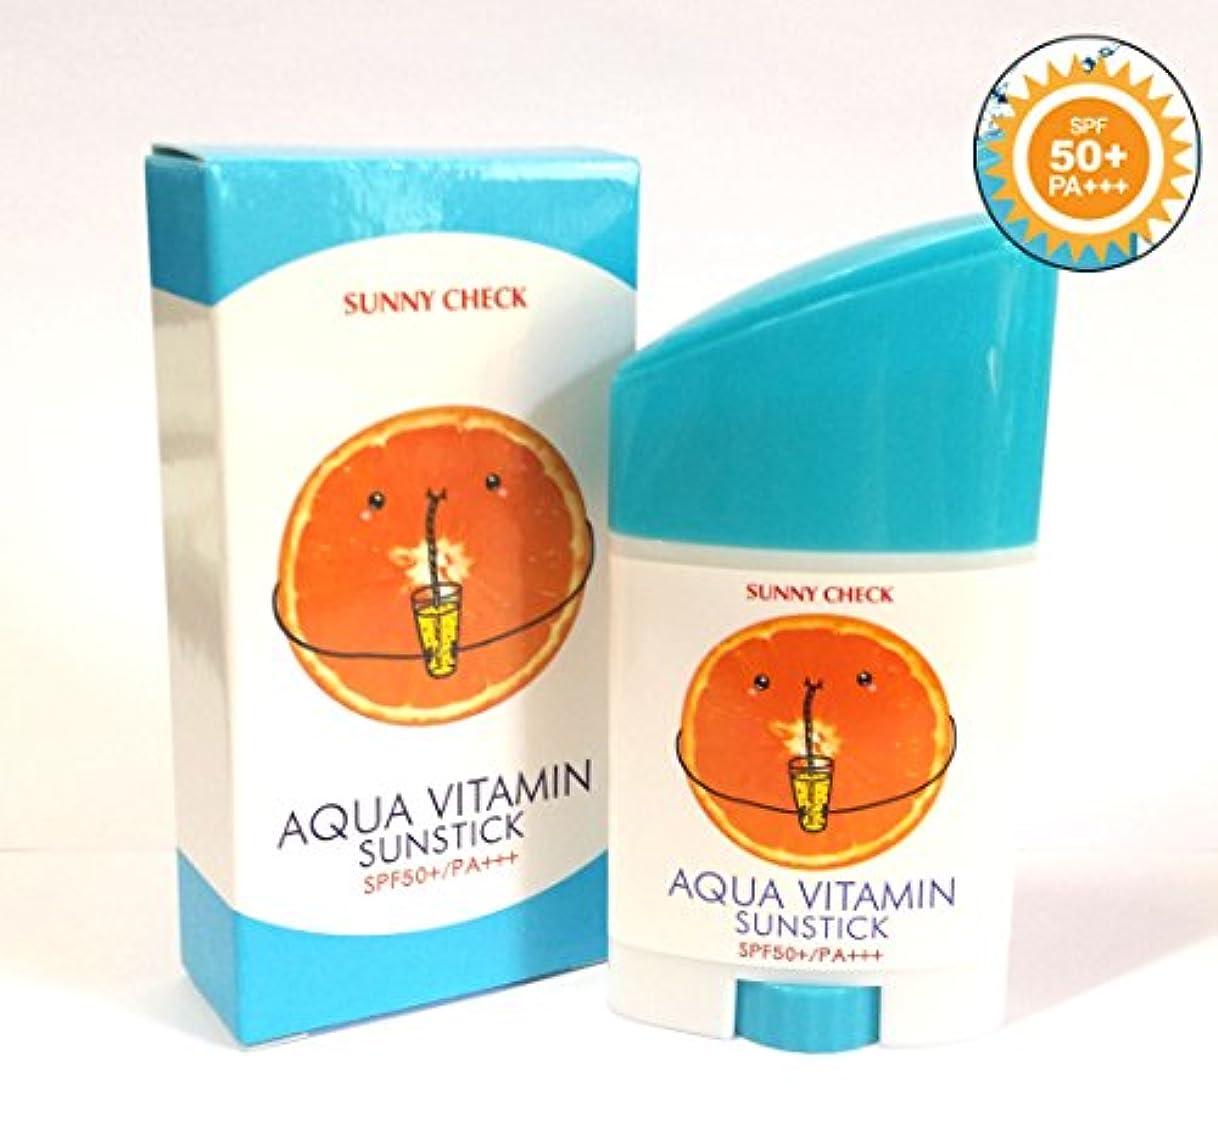 中央値反論アーティファクト[Sunny Check] アクアビタミンサンスティックSPF50 + PA +++ 26g(0.9oz)/UVプロテクション/韓国化粧品/Aqua Vitamin Sun Stick SPF50+ PA+++ 26g(0.9oz)/UV protection/Korean Cosmetics (3EA) [並行輸入品]